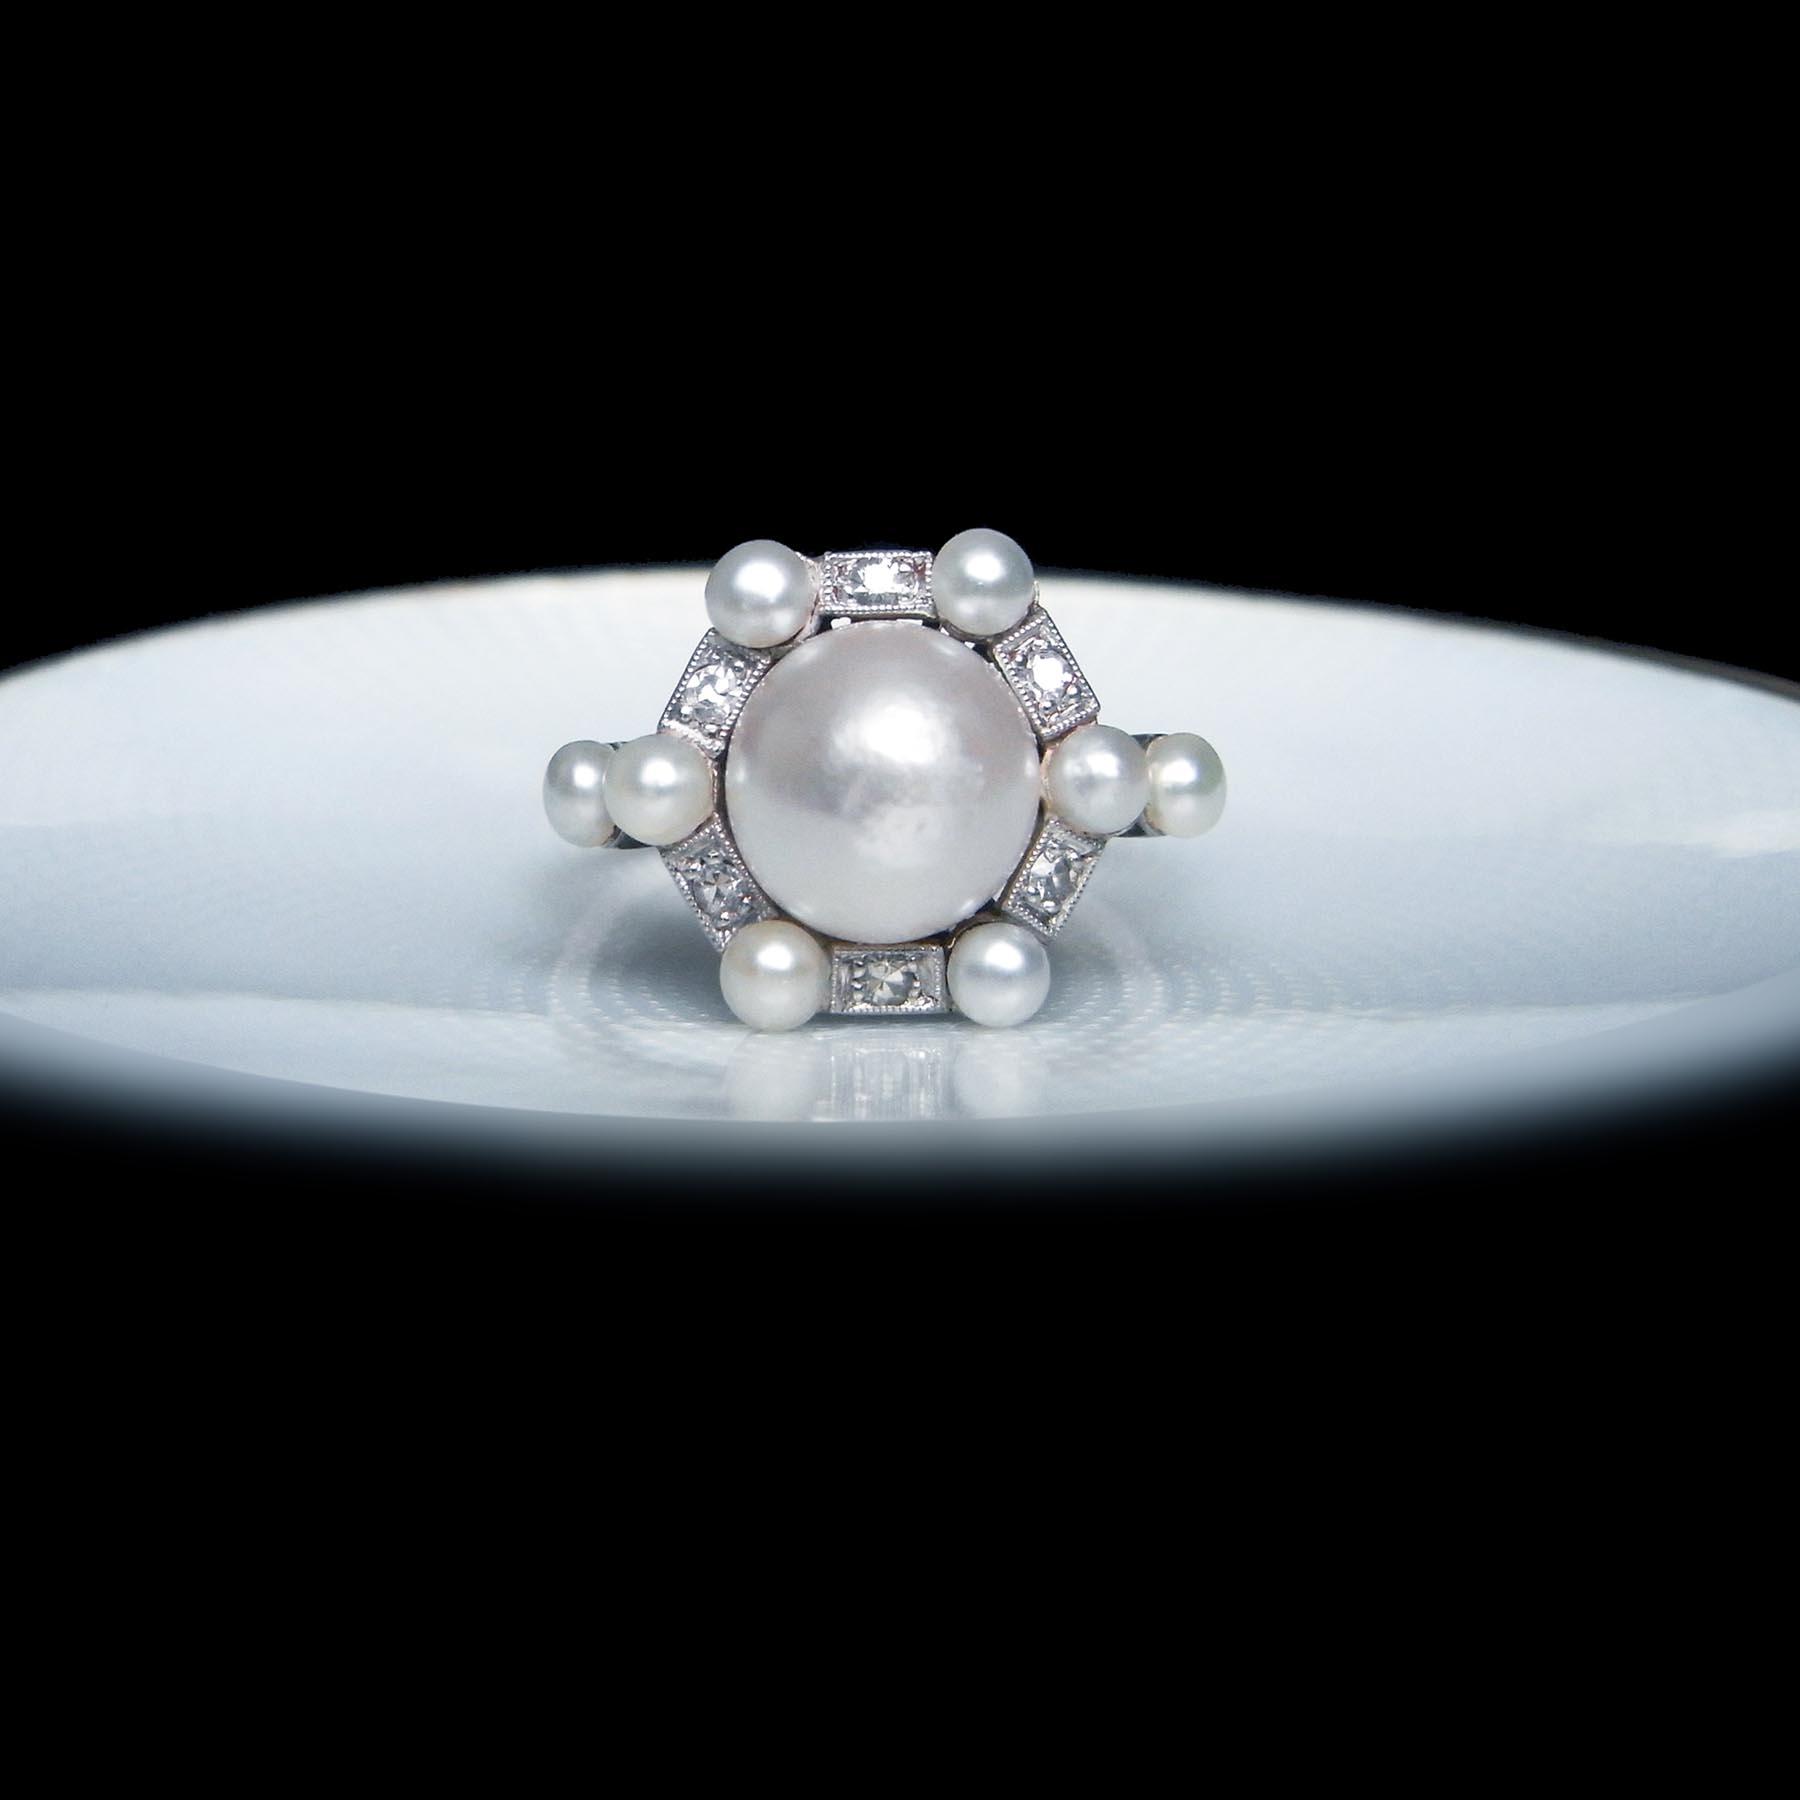 天然真珠 指輪 アンティークジュエリー